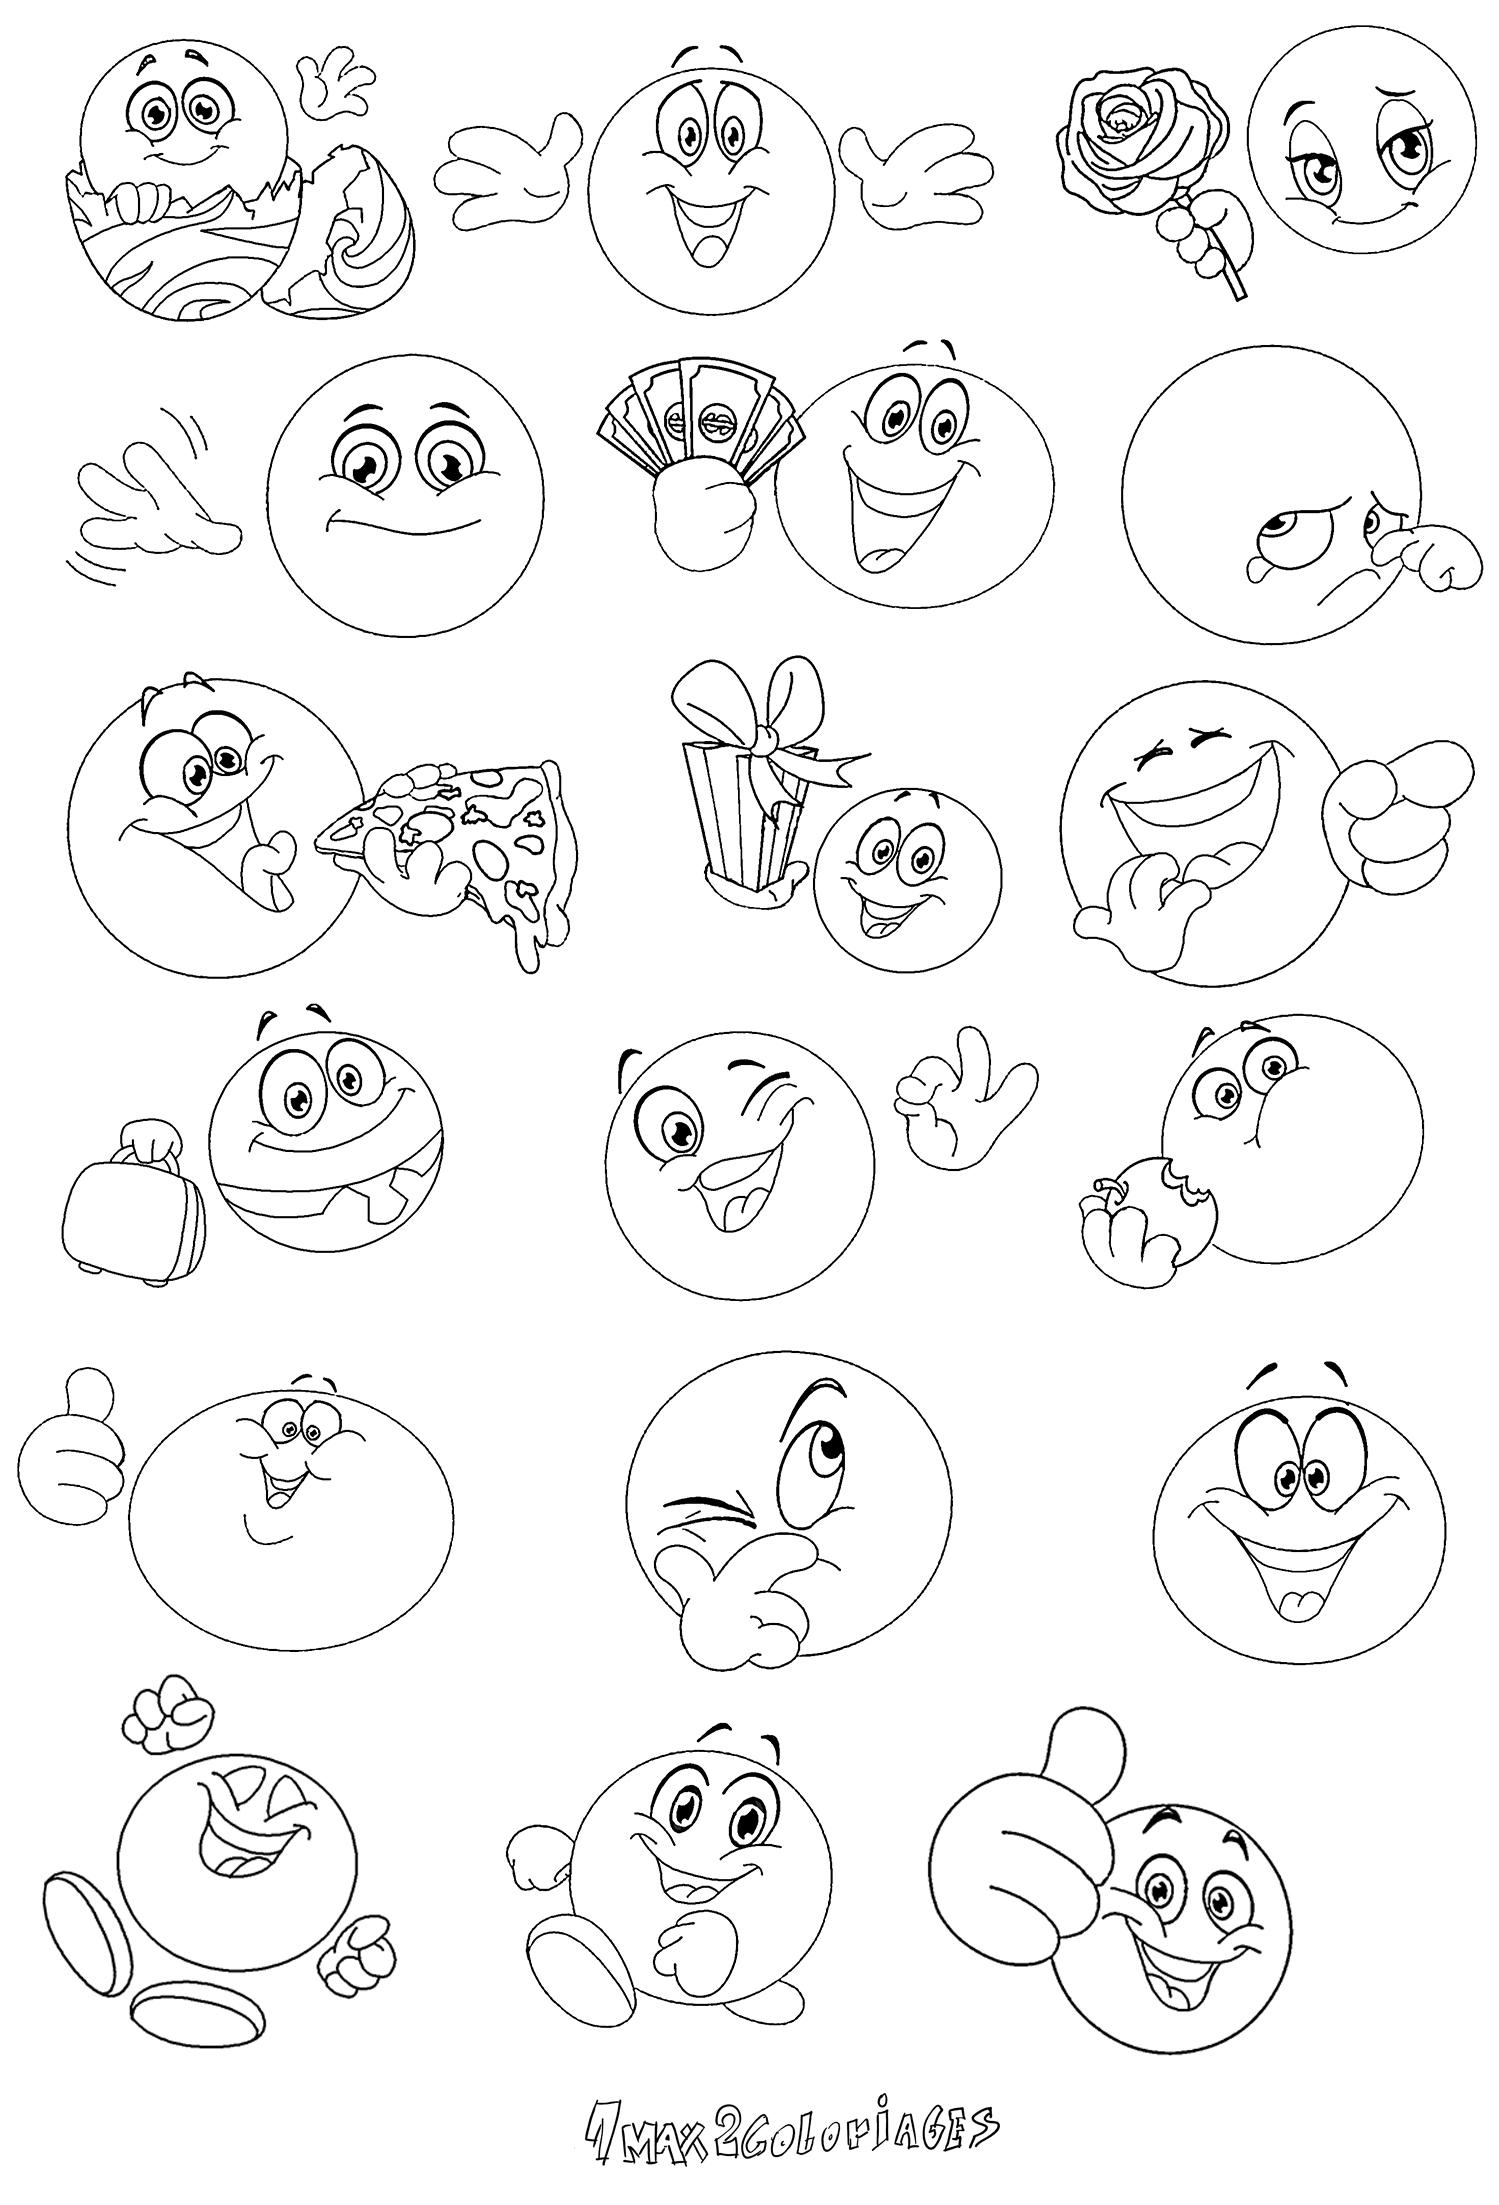 15 coloriage de smiley a imprimer gratuit haut coloriage hd images et imprimable gratuit - Image de smiley a imprimer ...